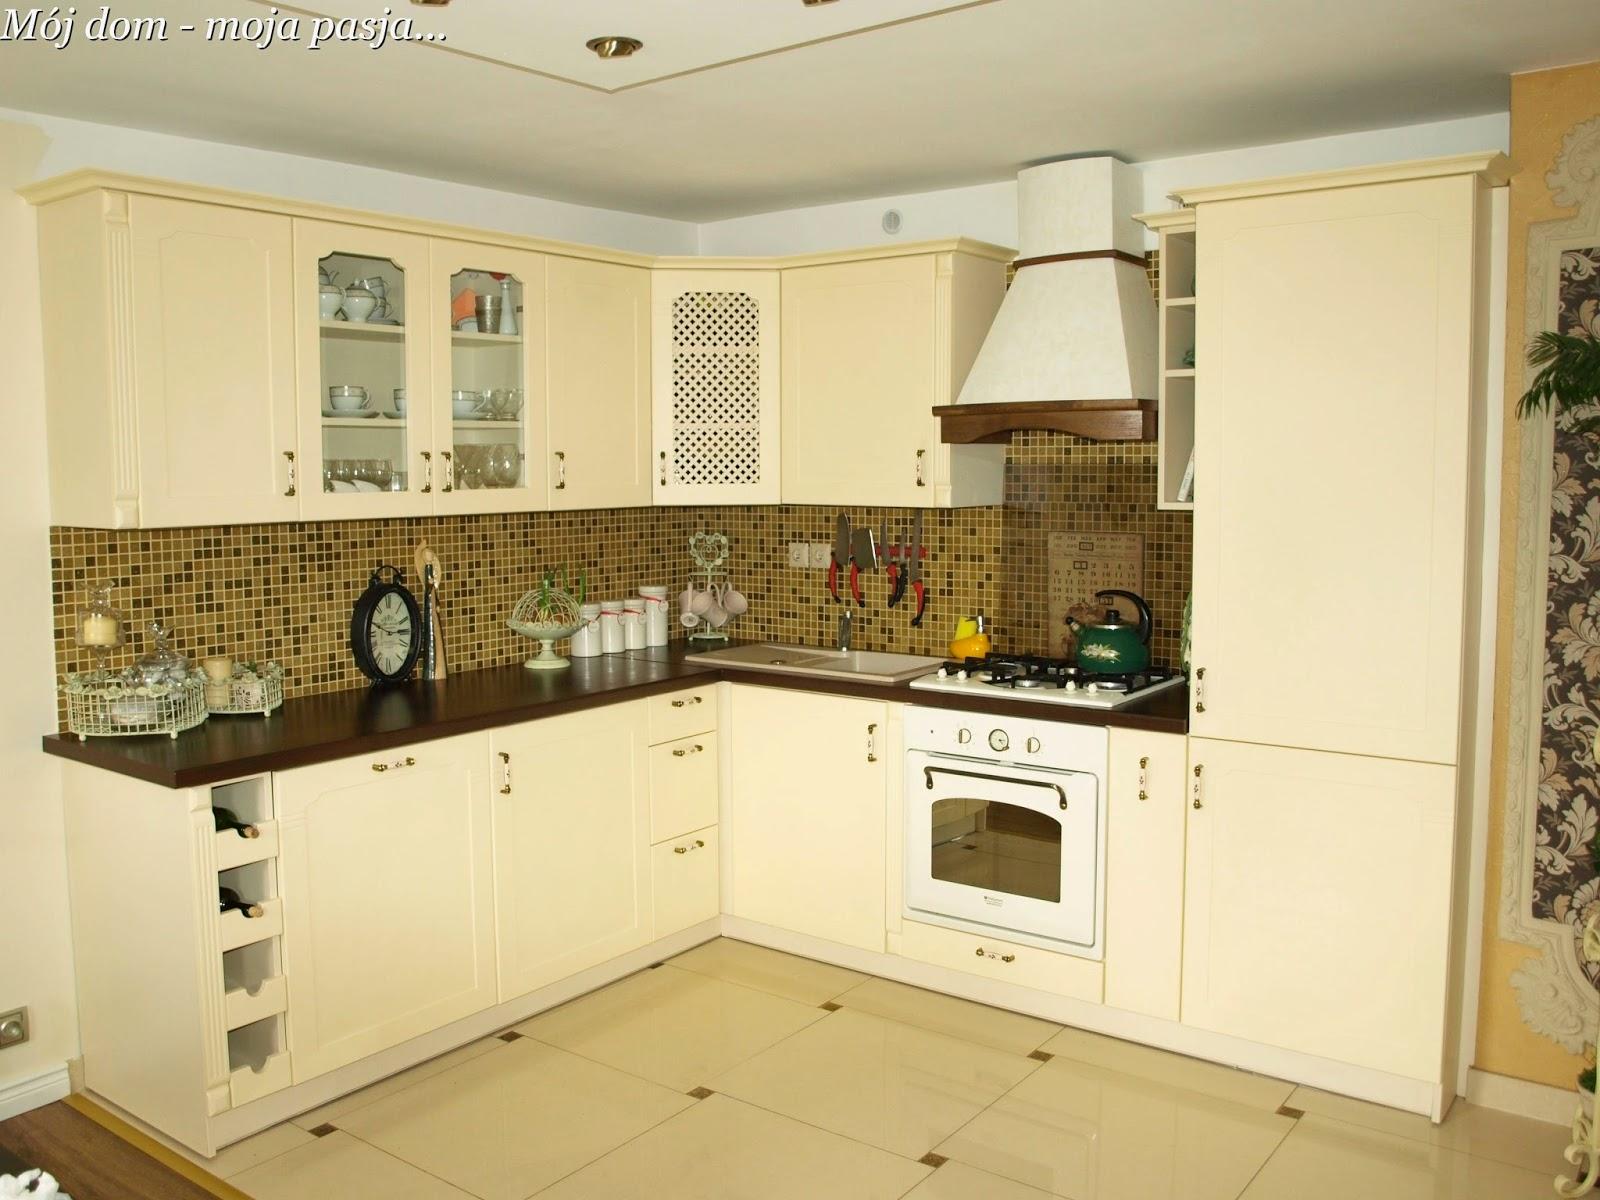 Mój dom  moja pasja by DomiNika KUCHNIA RETRO -> Kuchnia Elektryczna Amica Retro